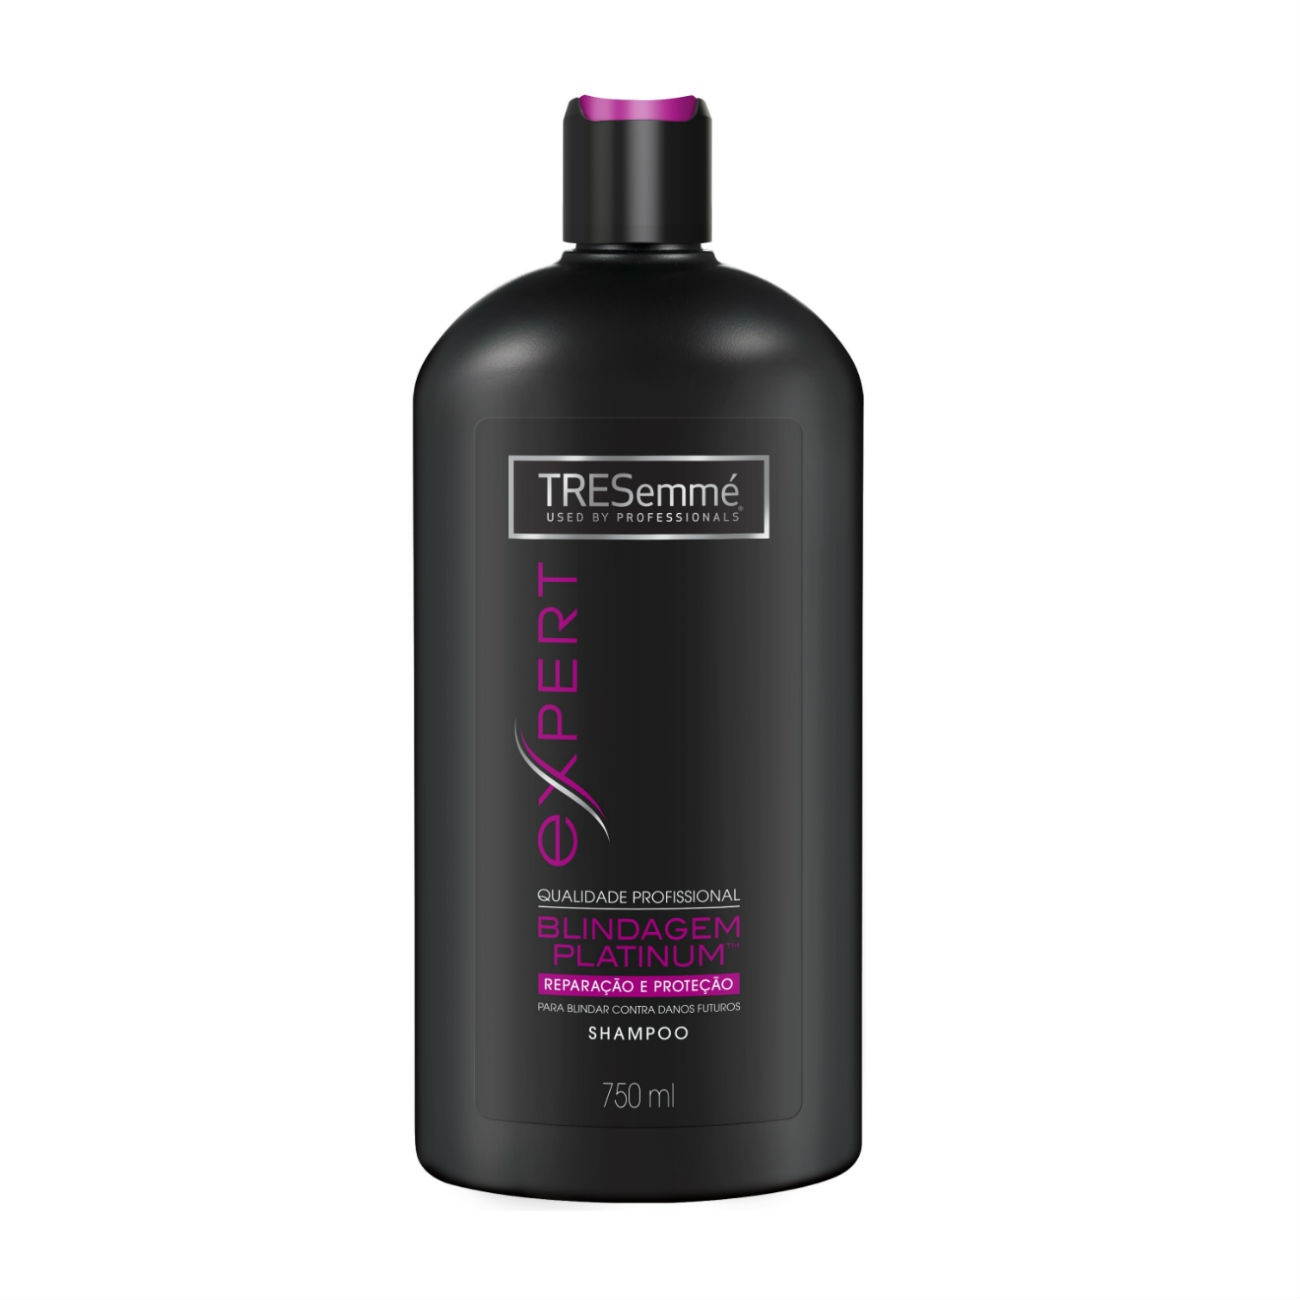 Shampoo TRESemmé Blindagem Platinum para Reparação e Proteção 750ml